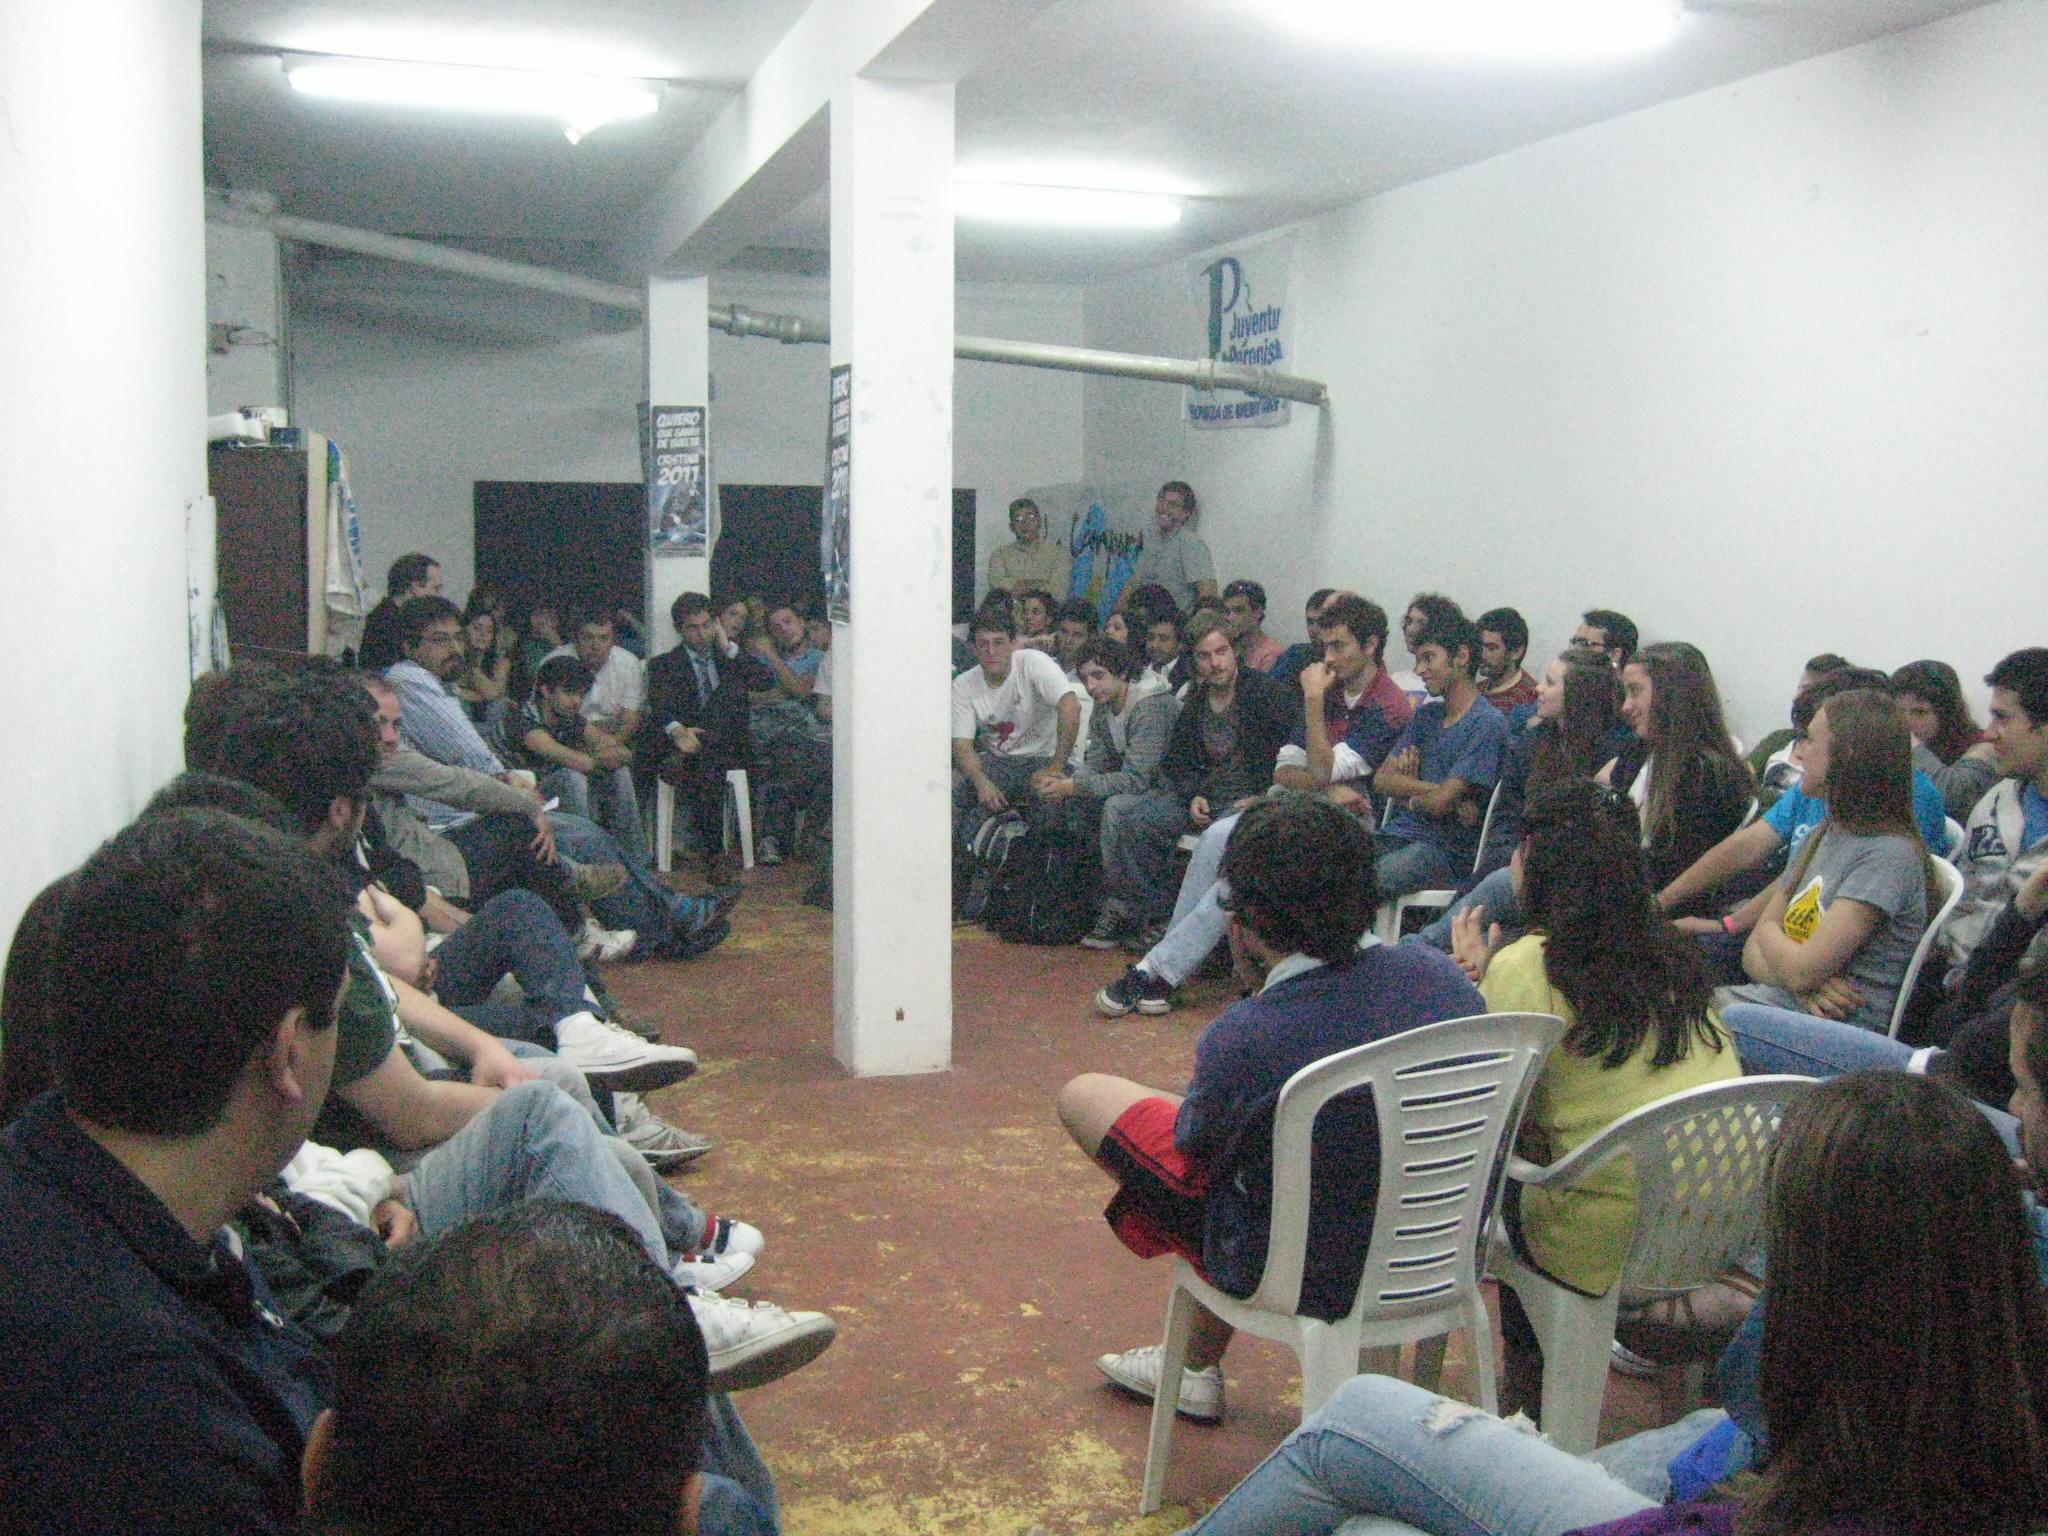 plenario-la-plata-3